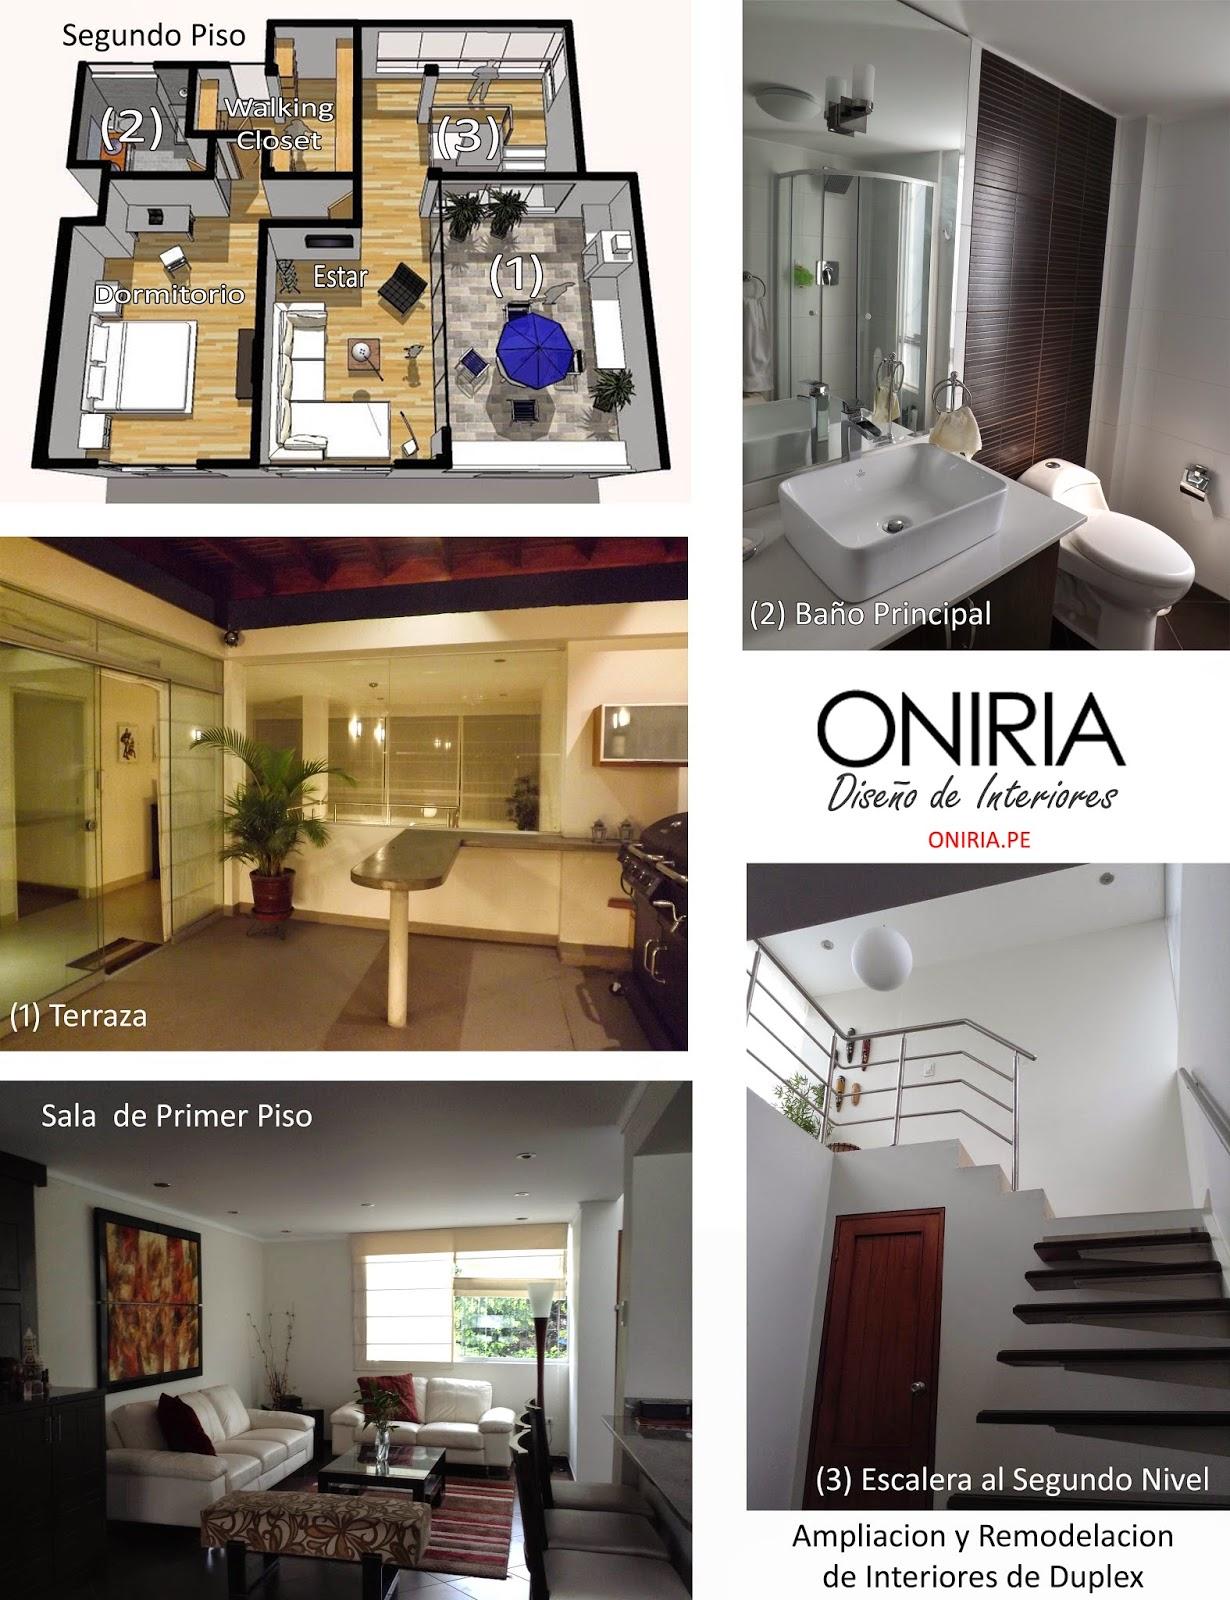 Oniria remodelaci n integrales de interiores de casas y - Diseno y arquitectura de interiores ...